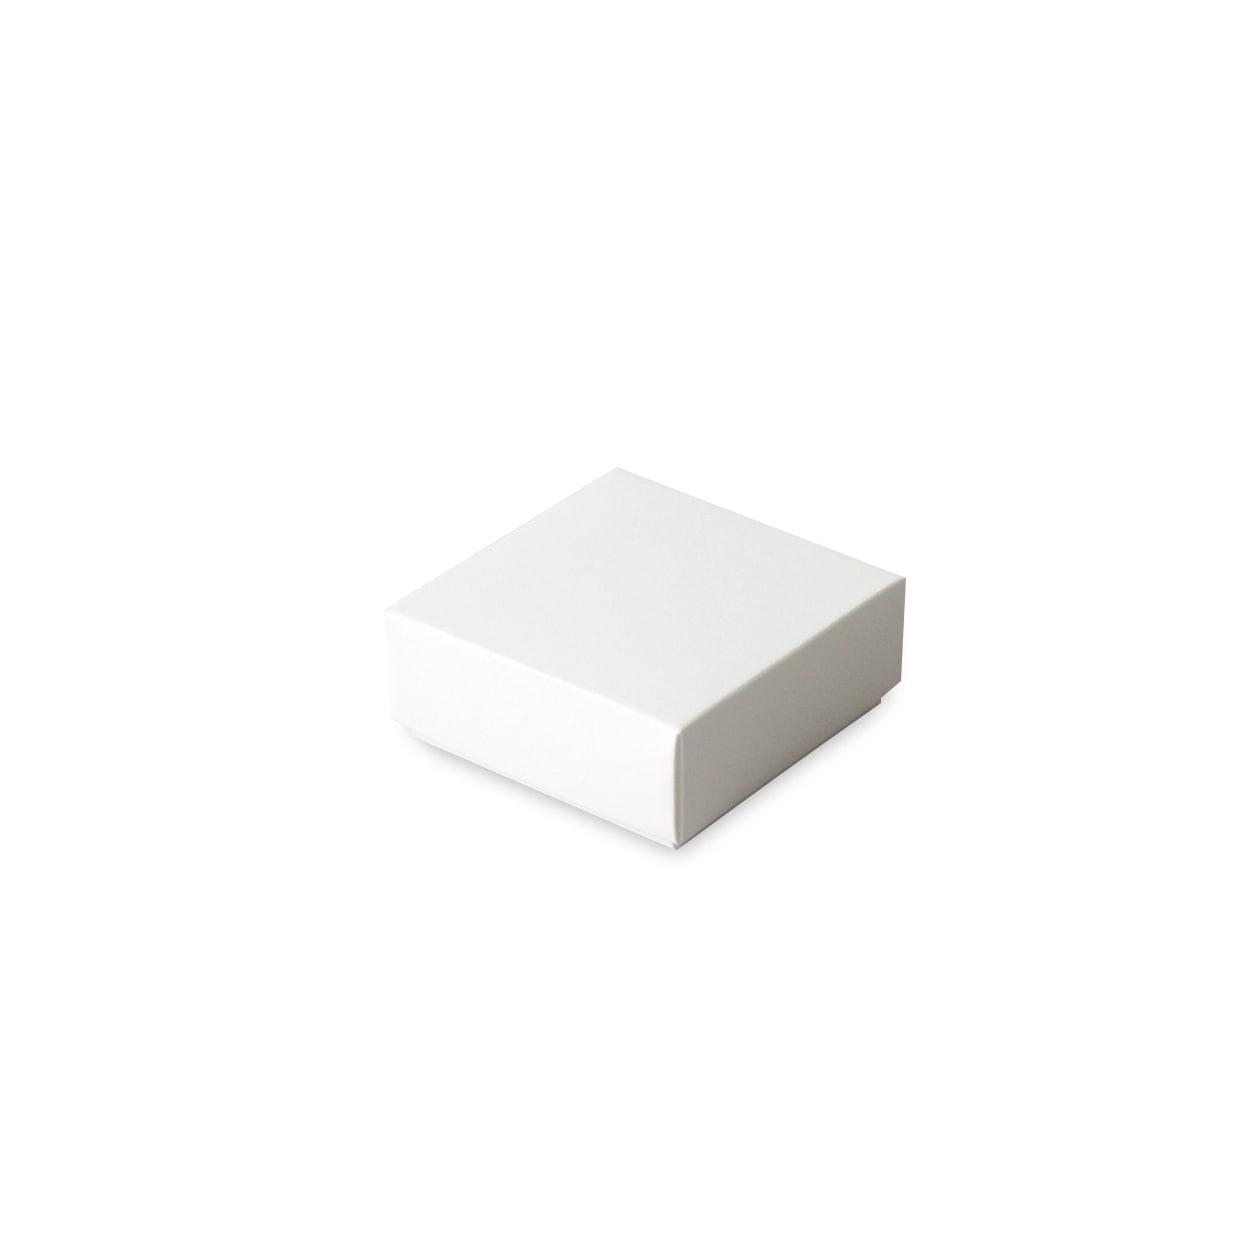 組箱 60×60×25 コットン スノーホワイト 232.8g